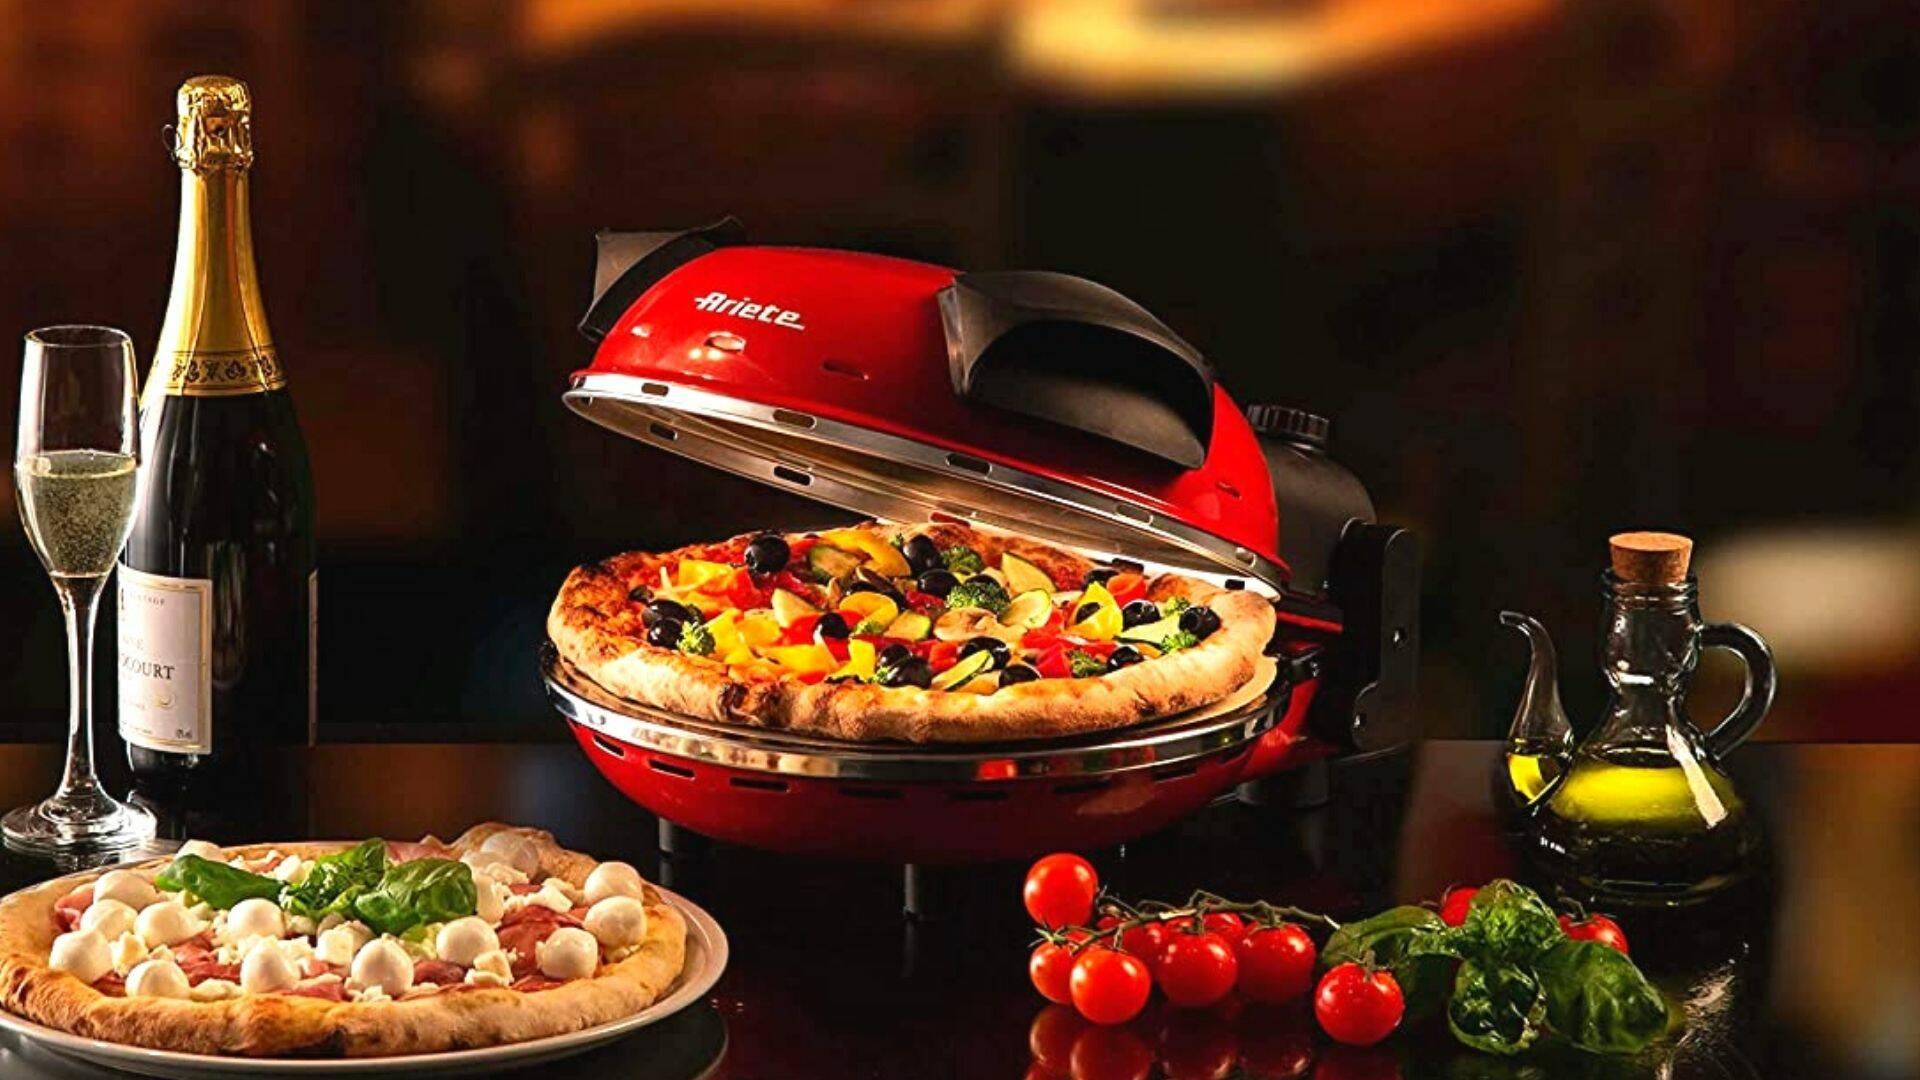 forni pizza